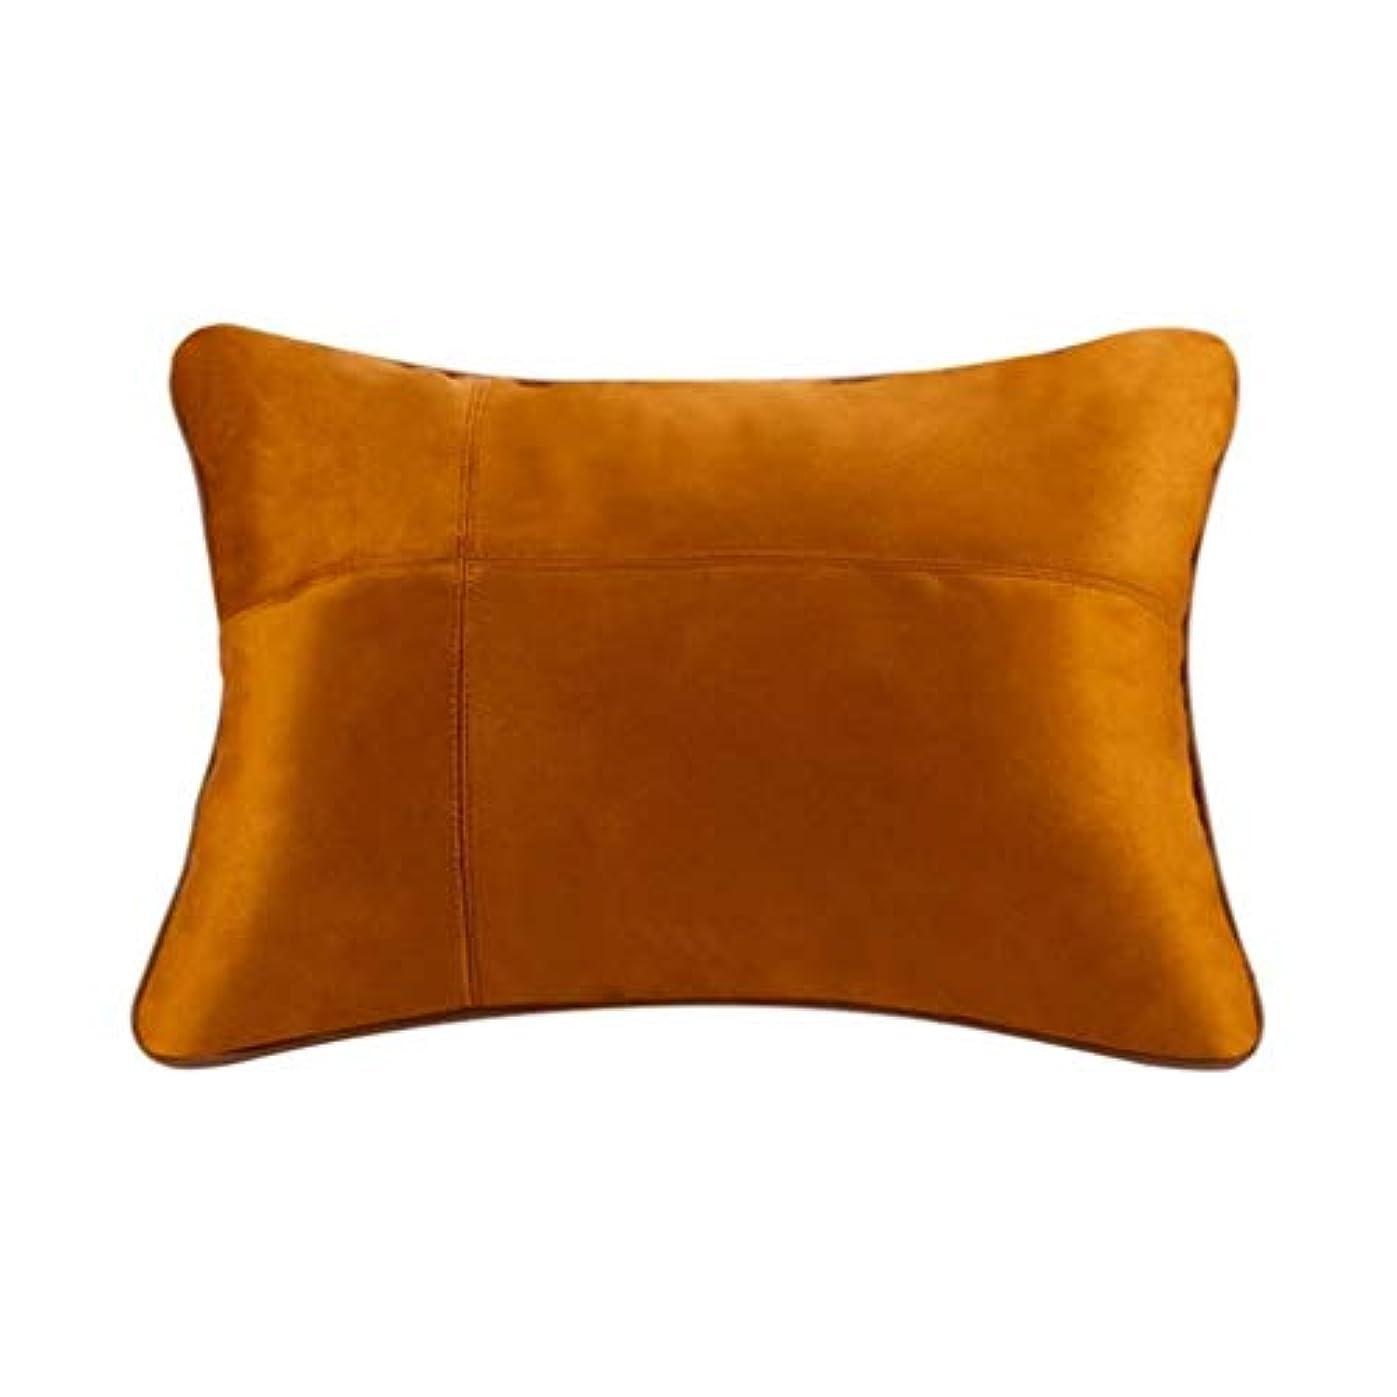 終わらせる従者警告枕、腰部背部支持パッド、妊娠中の腰椎枕、腰用シートクッション、姿勢ブレース、腰痛を和らげる、低反発腰椎背もたれ枕、オフィスカーチェア、車の室内装飾 (Color : Brown)